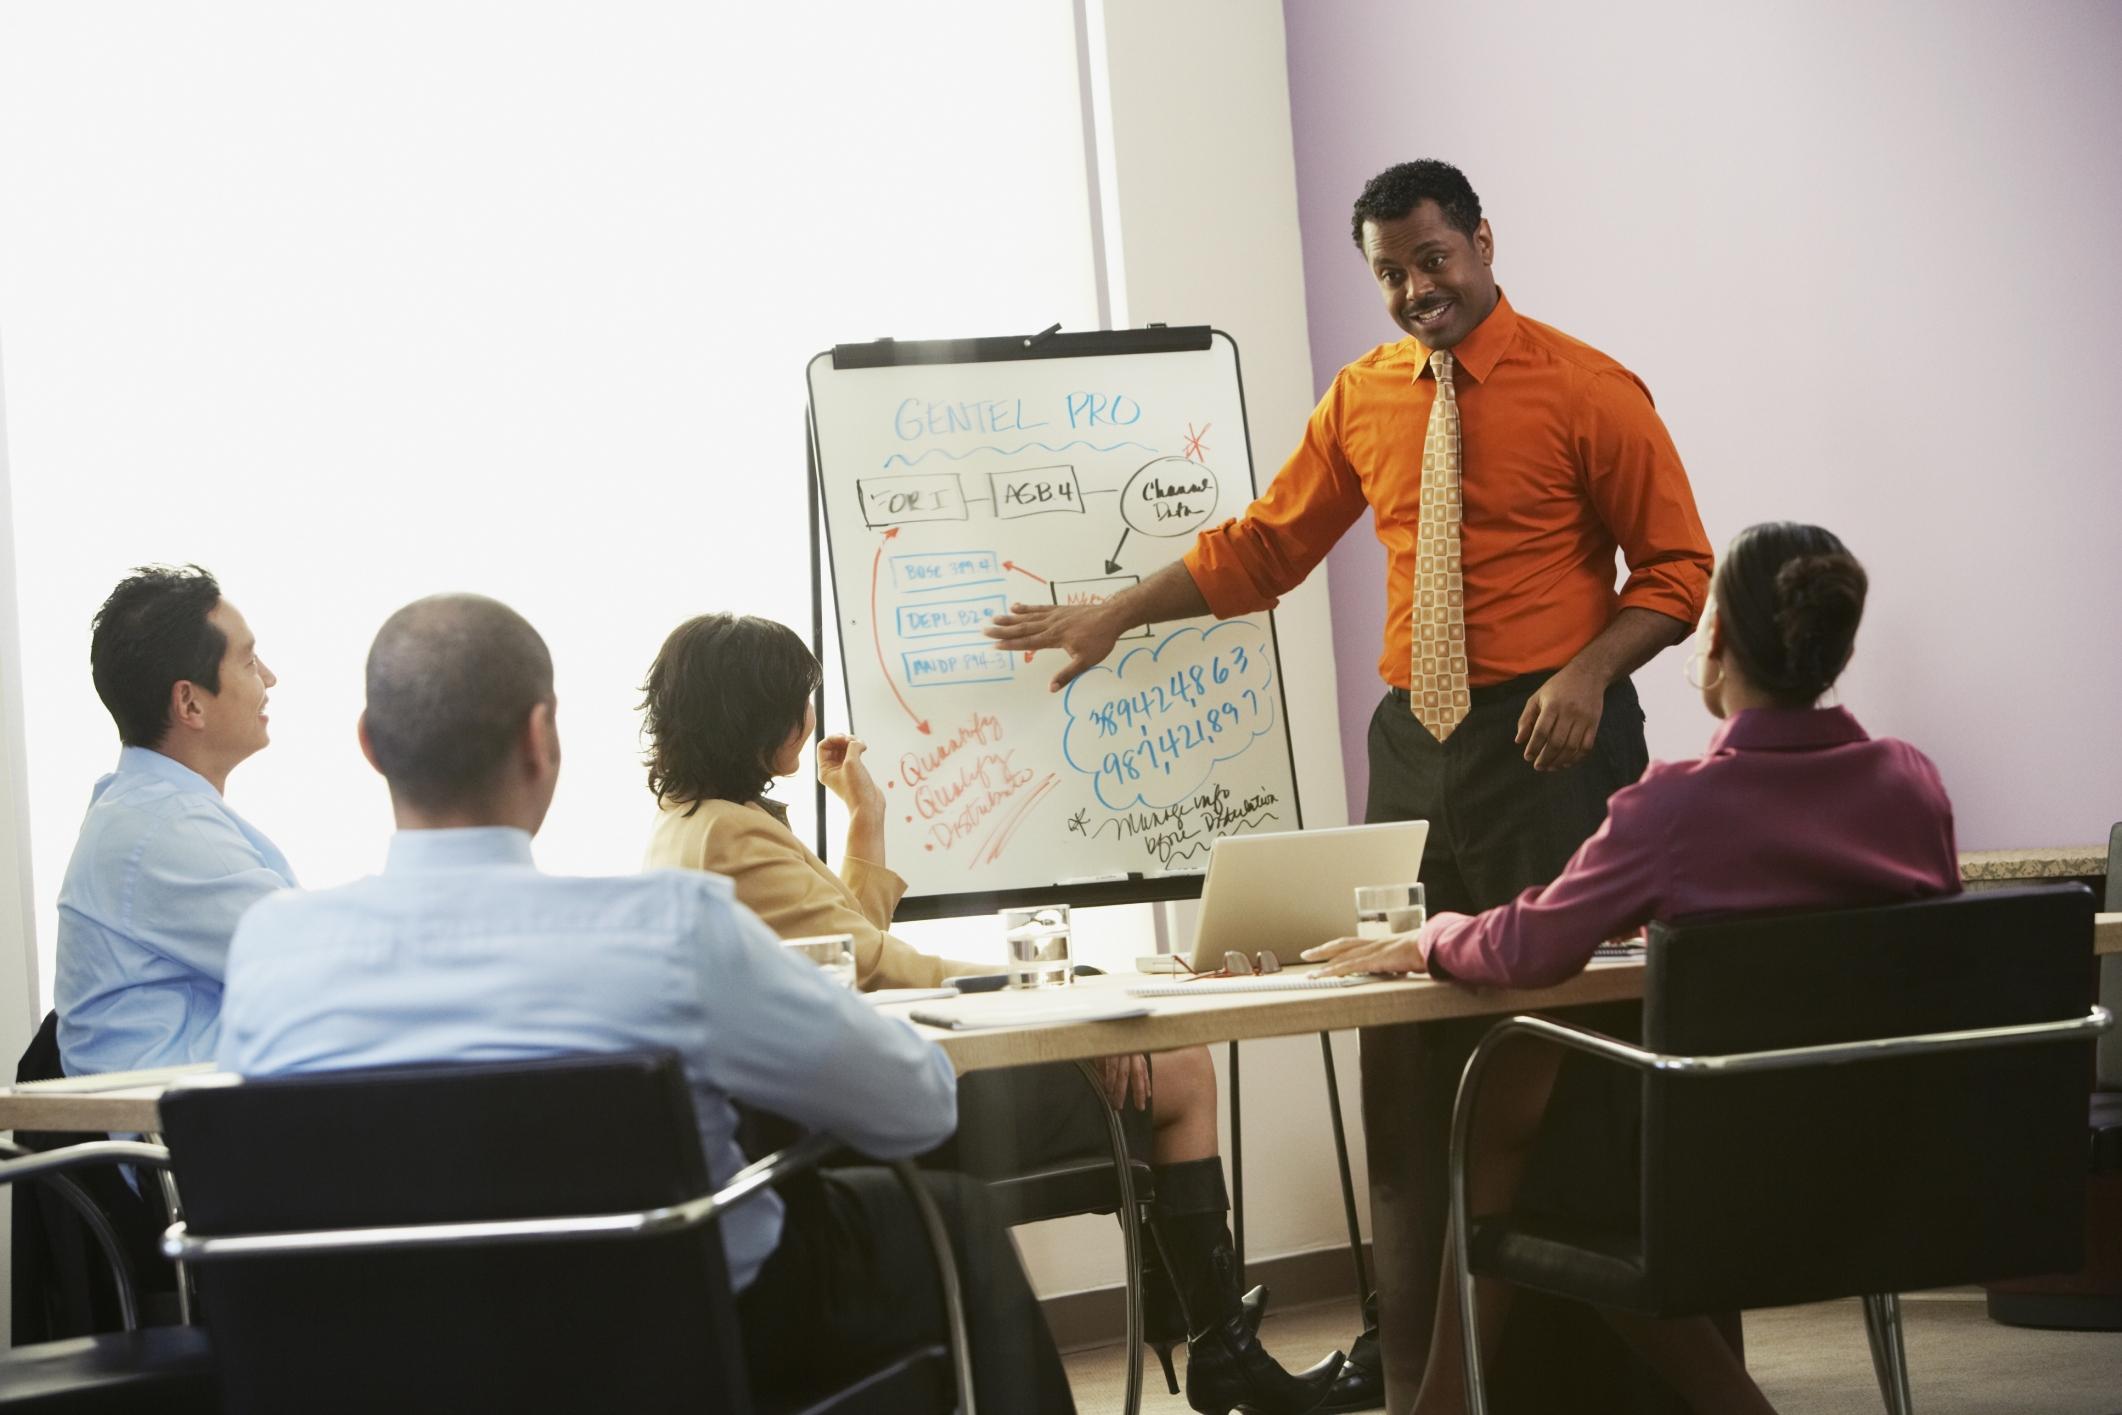 expressive leaders vs  instrumental leaders